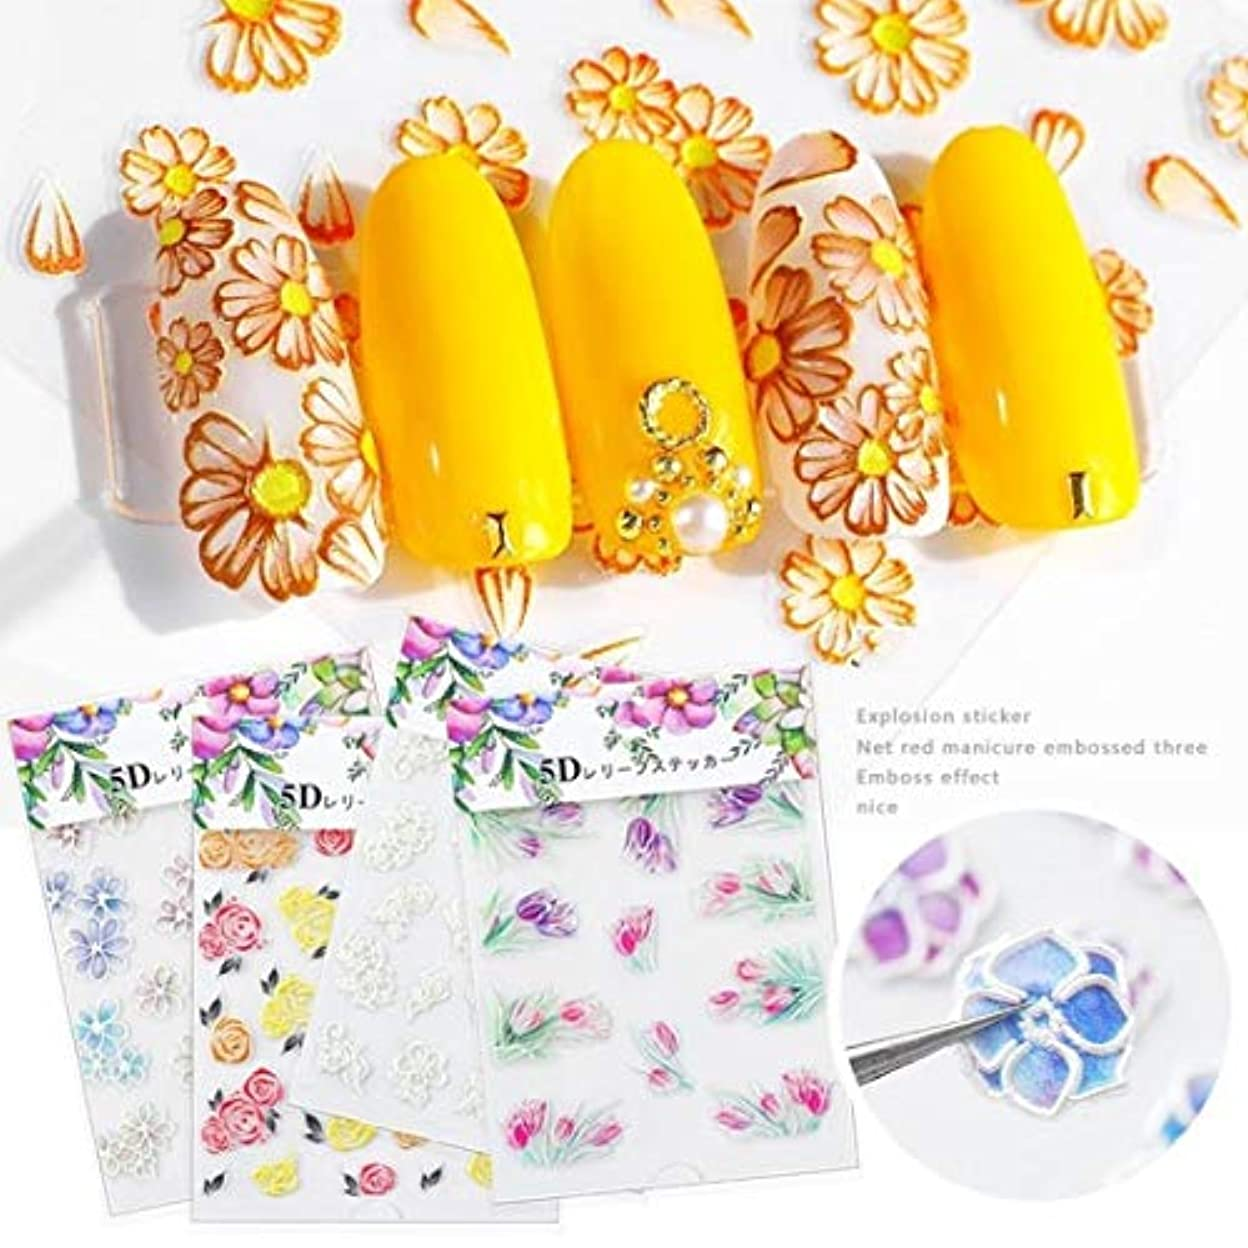 タールバウンス覚えているTianmey 5Dネイルステッカーセット10枚の花柄自己粘着転写デカールネイルアートマニキュア装飾ツール